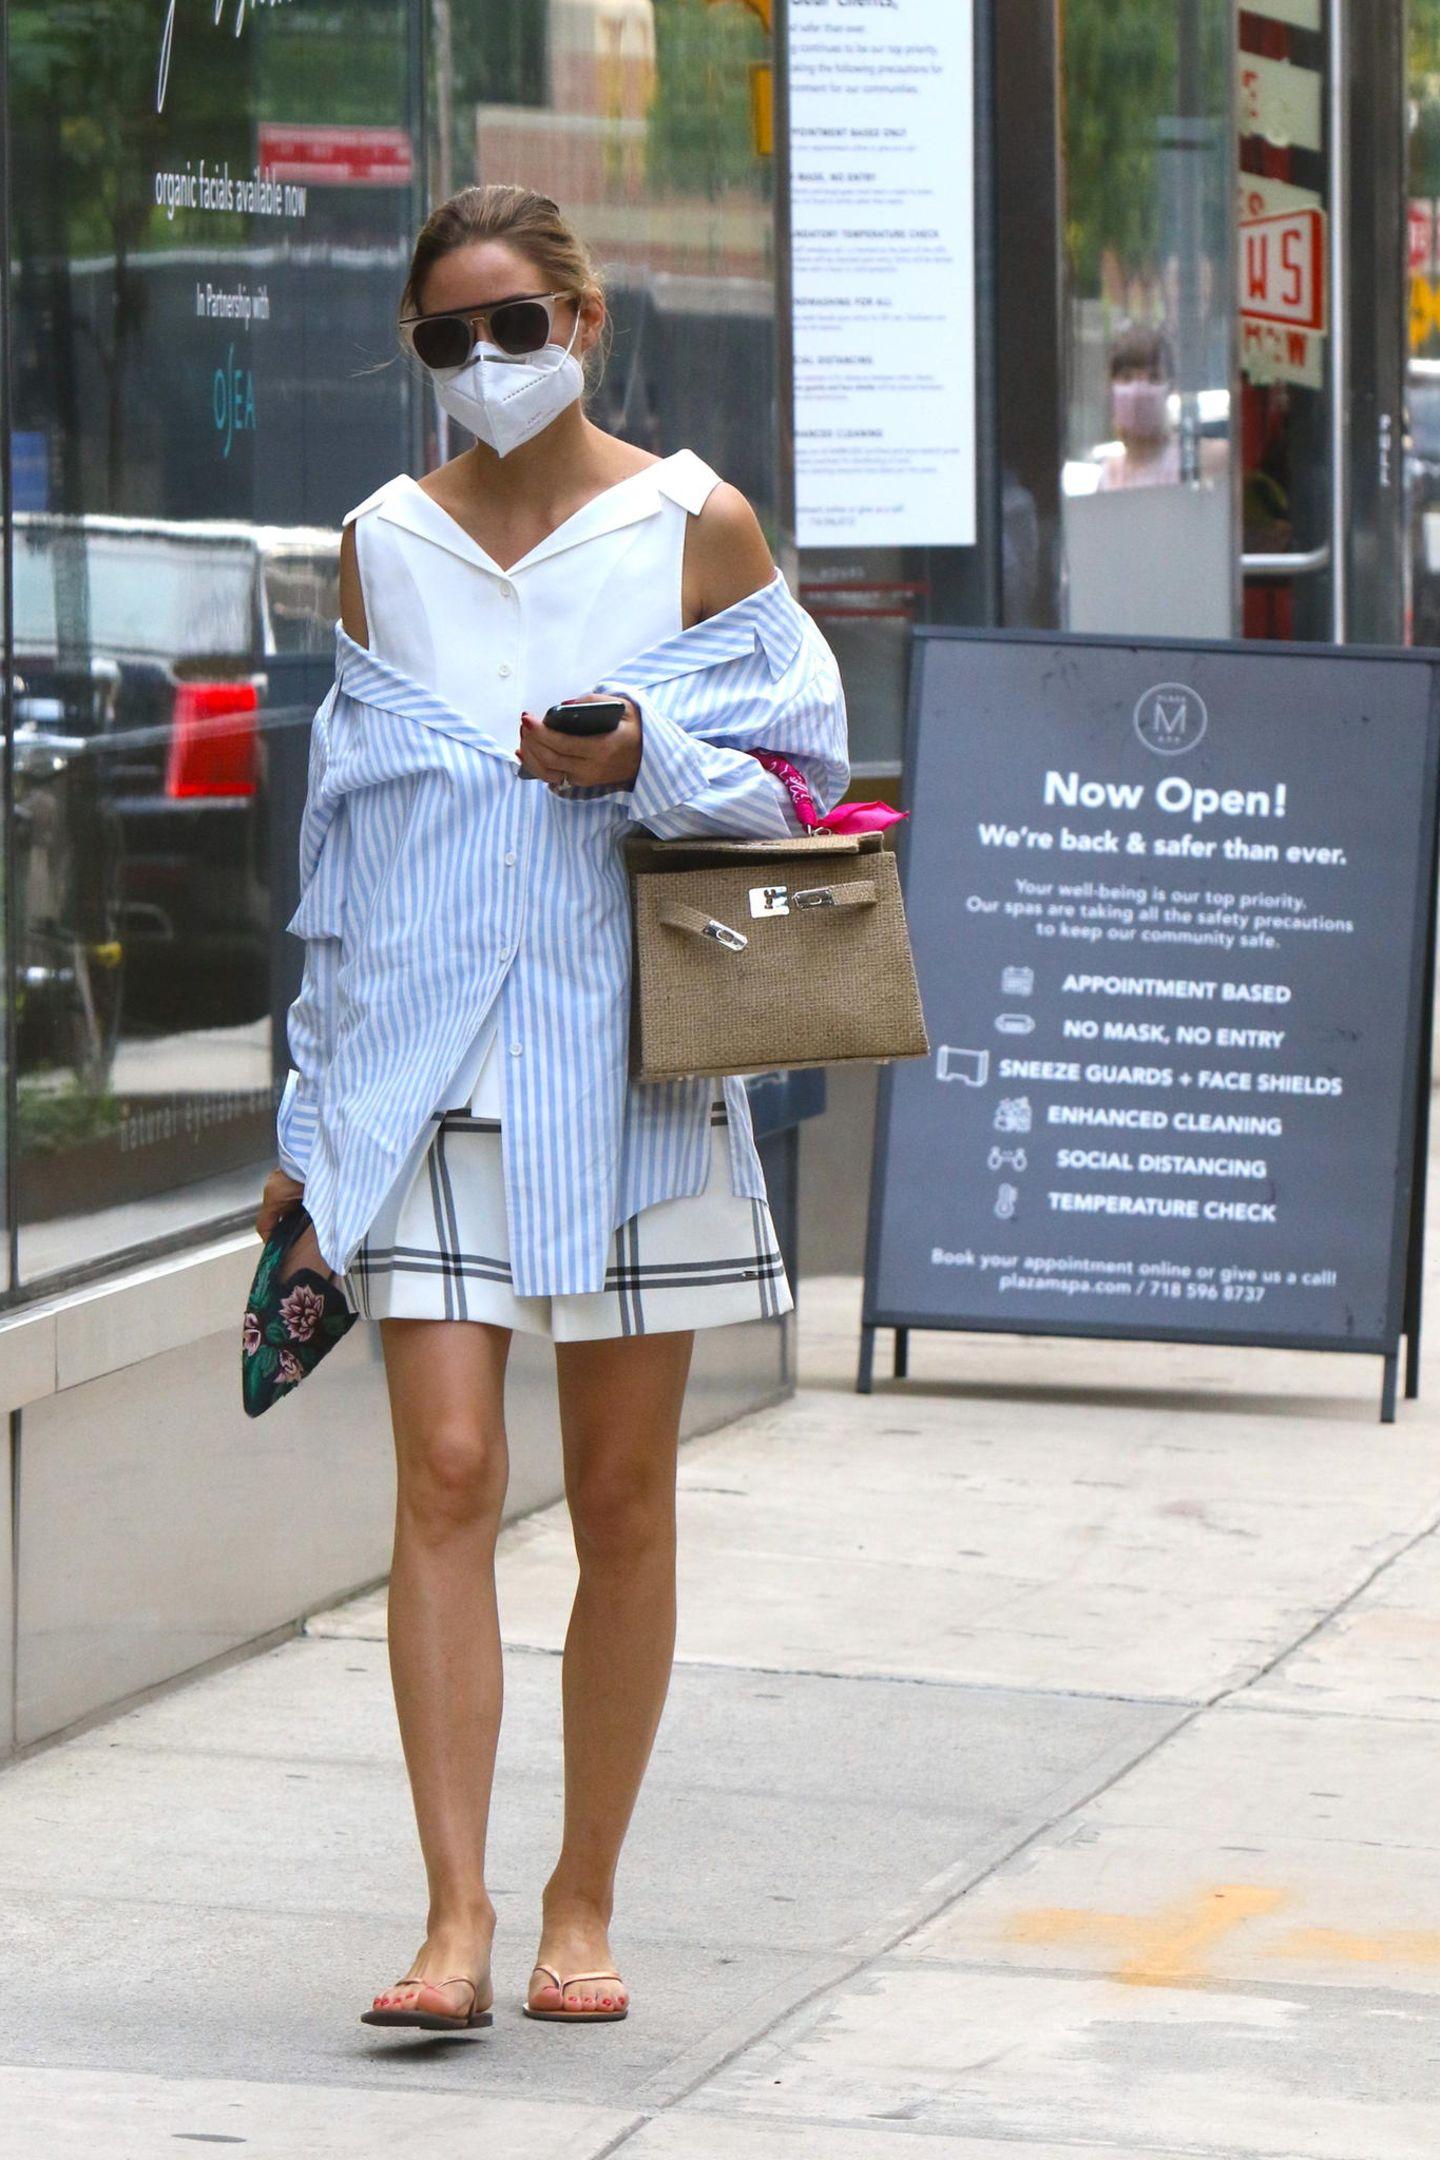 Glamouröser hingegen sieht der Streetstyle-Look bei It-Girl Olivia Palermo aus. Mit einem stylishen Layering-Look, bestehend aus zwei übereinander getragenen Hemden und einem Karo-Rock, ihrer Hermes-Bag und simplen Flip-Flops, zieht die Frau von Johannes Hueblalle Blicke auf sich.